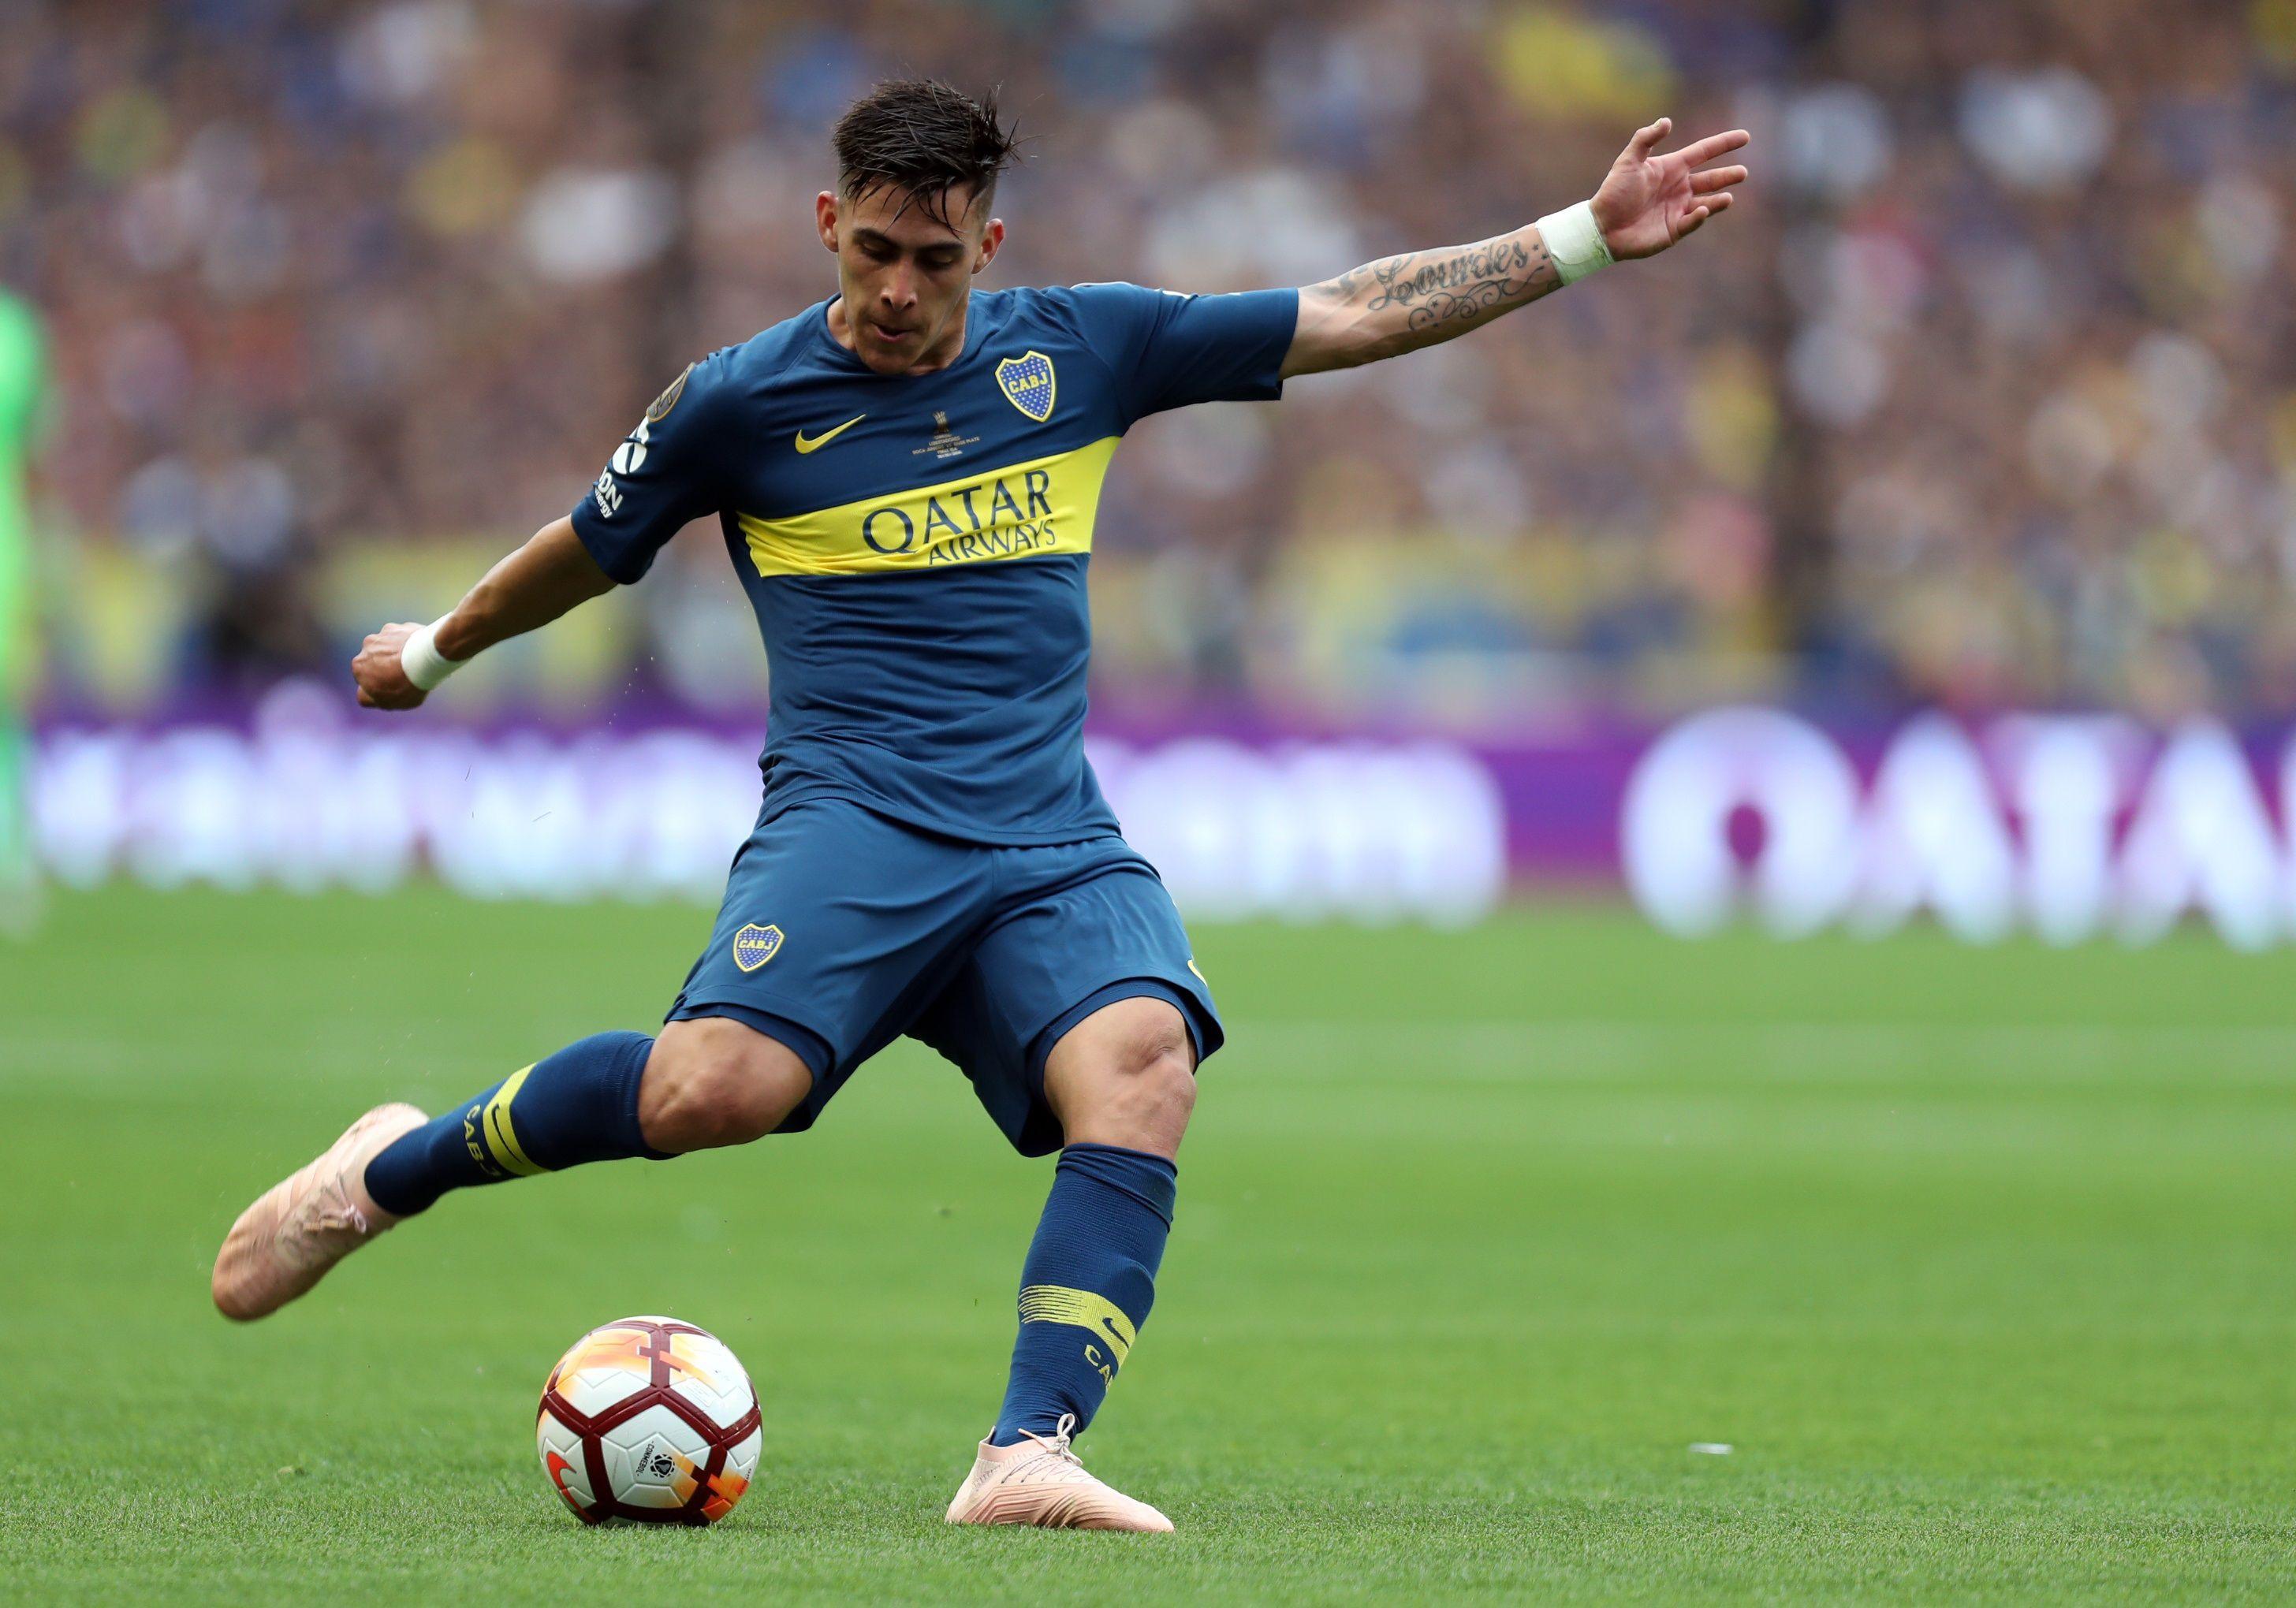 En la imagen, el jugador de Boca Juniors Cristian Pavón. EFE/Raúl Martínez/Archivo